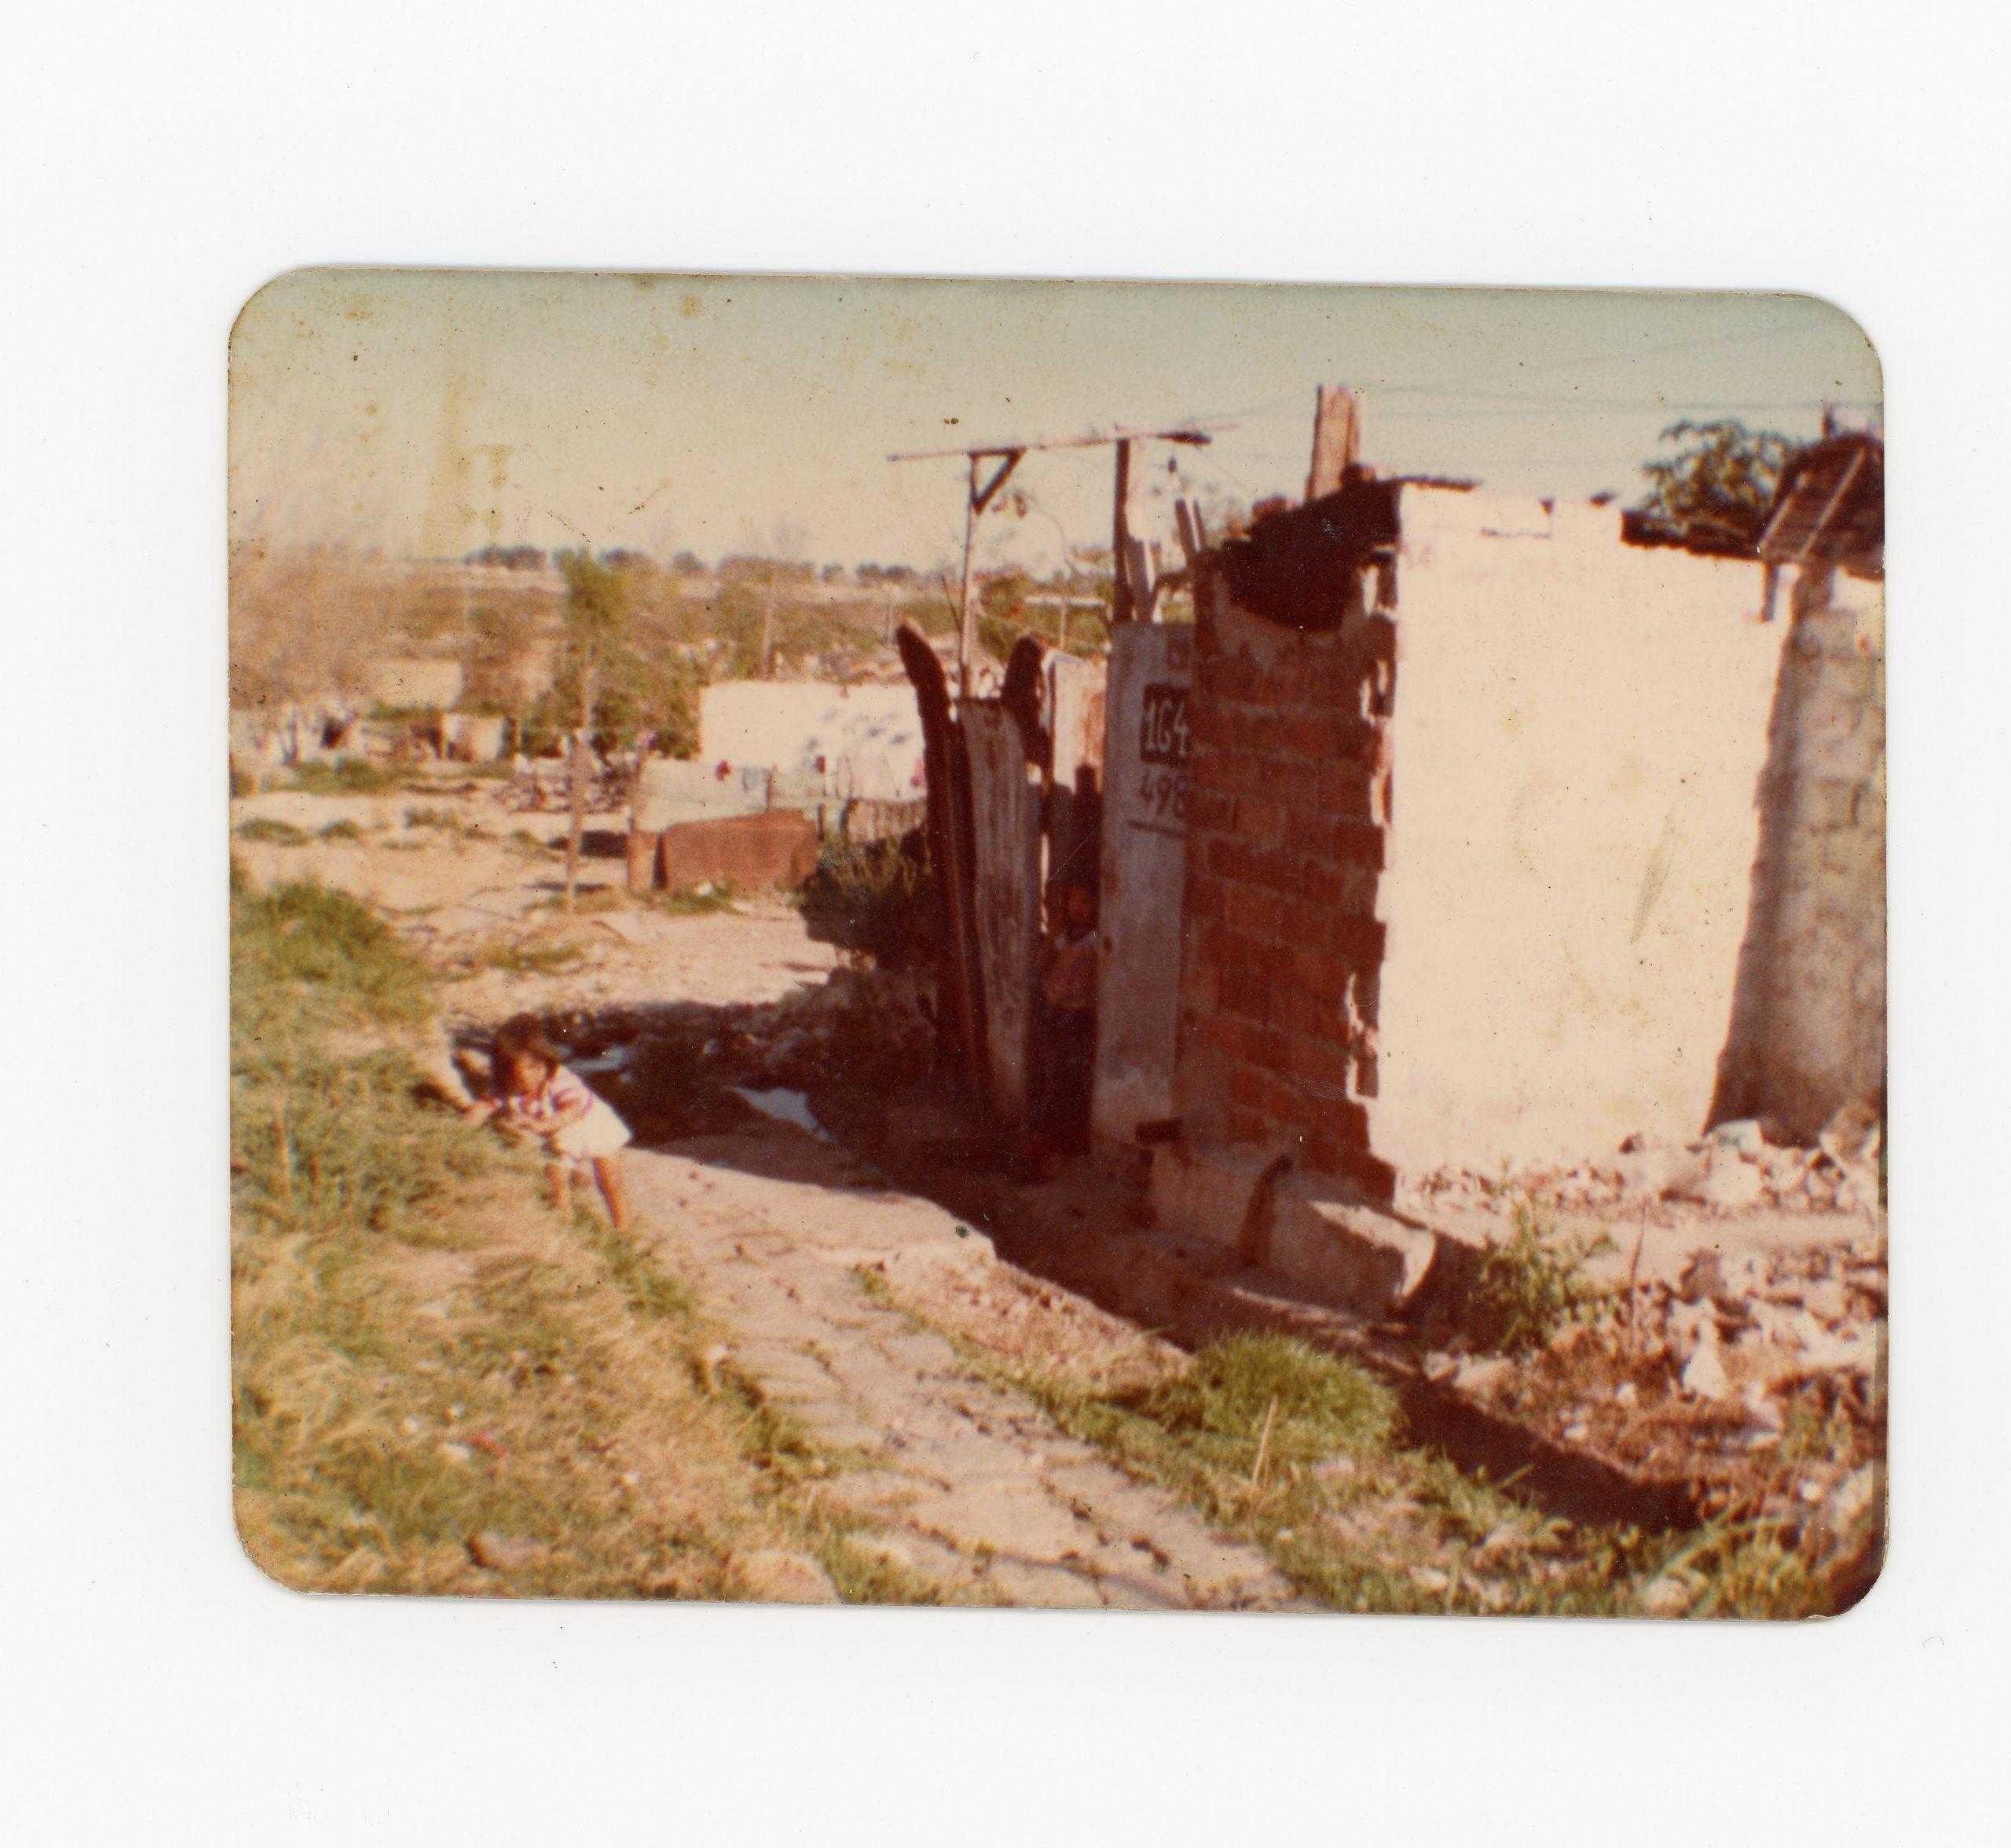 Casa de la familia Sarapura, calle Miralla 1649, manzana 15